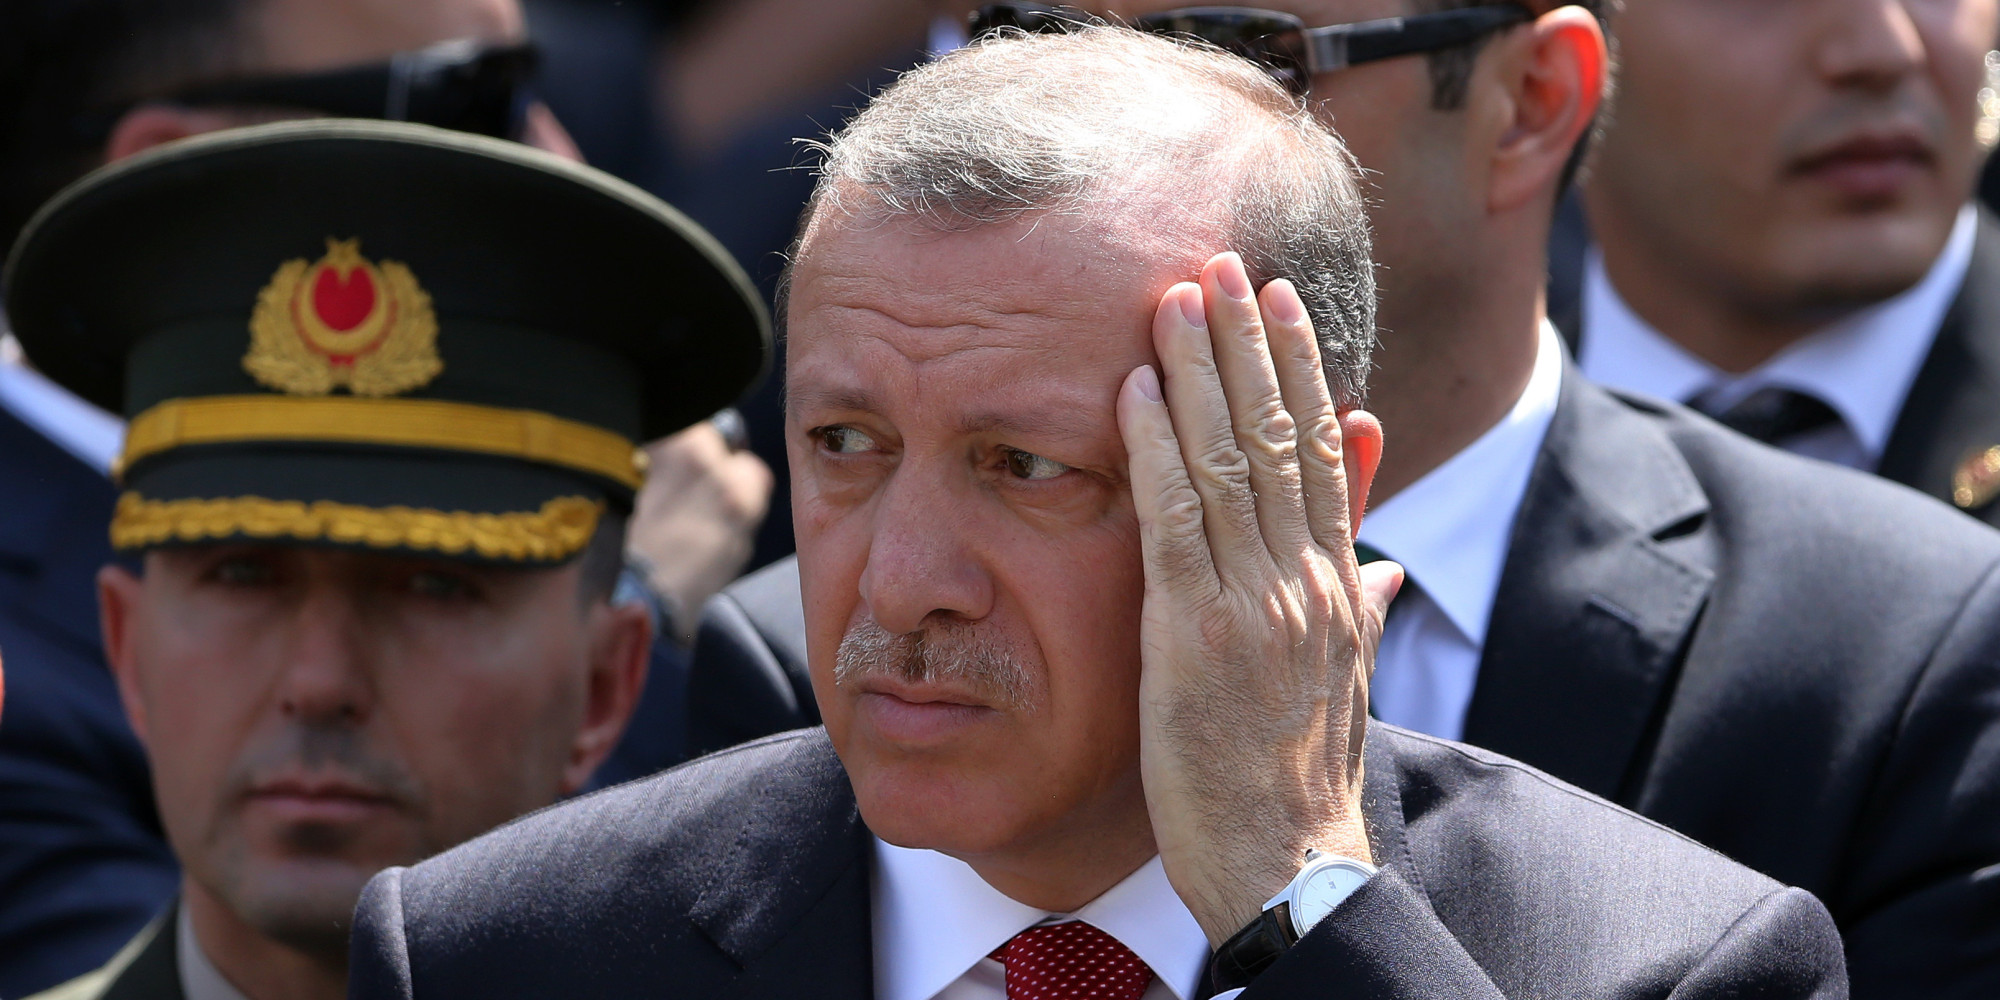 В Турции отреагировали на отказ Обамы встретиться с Эрдоганом